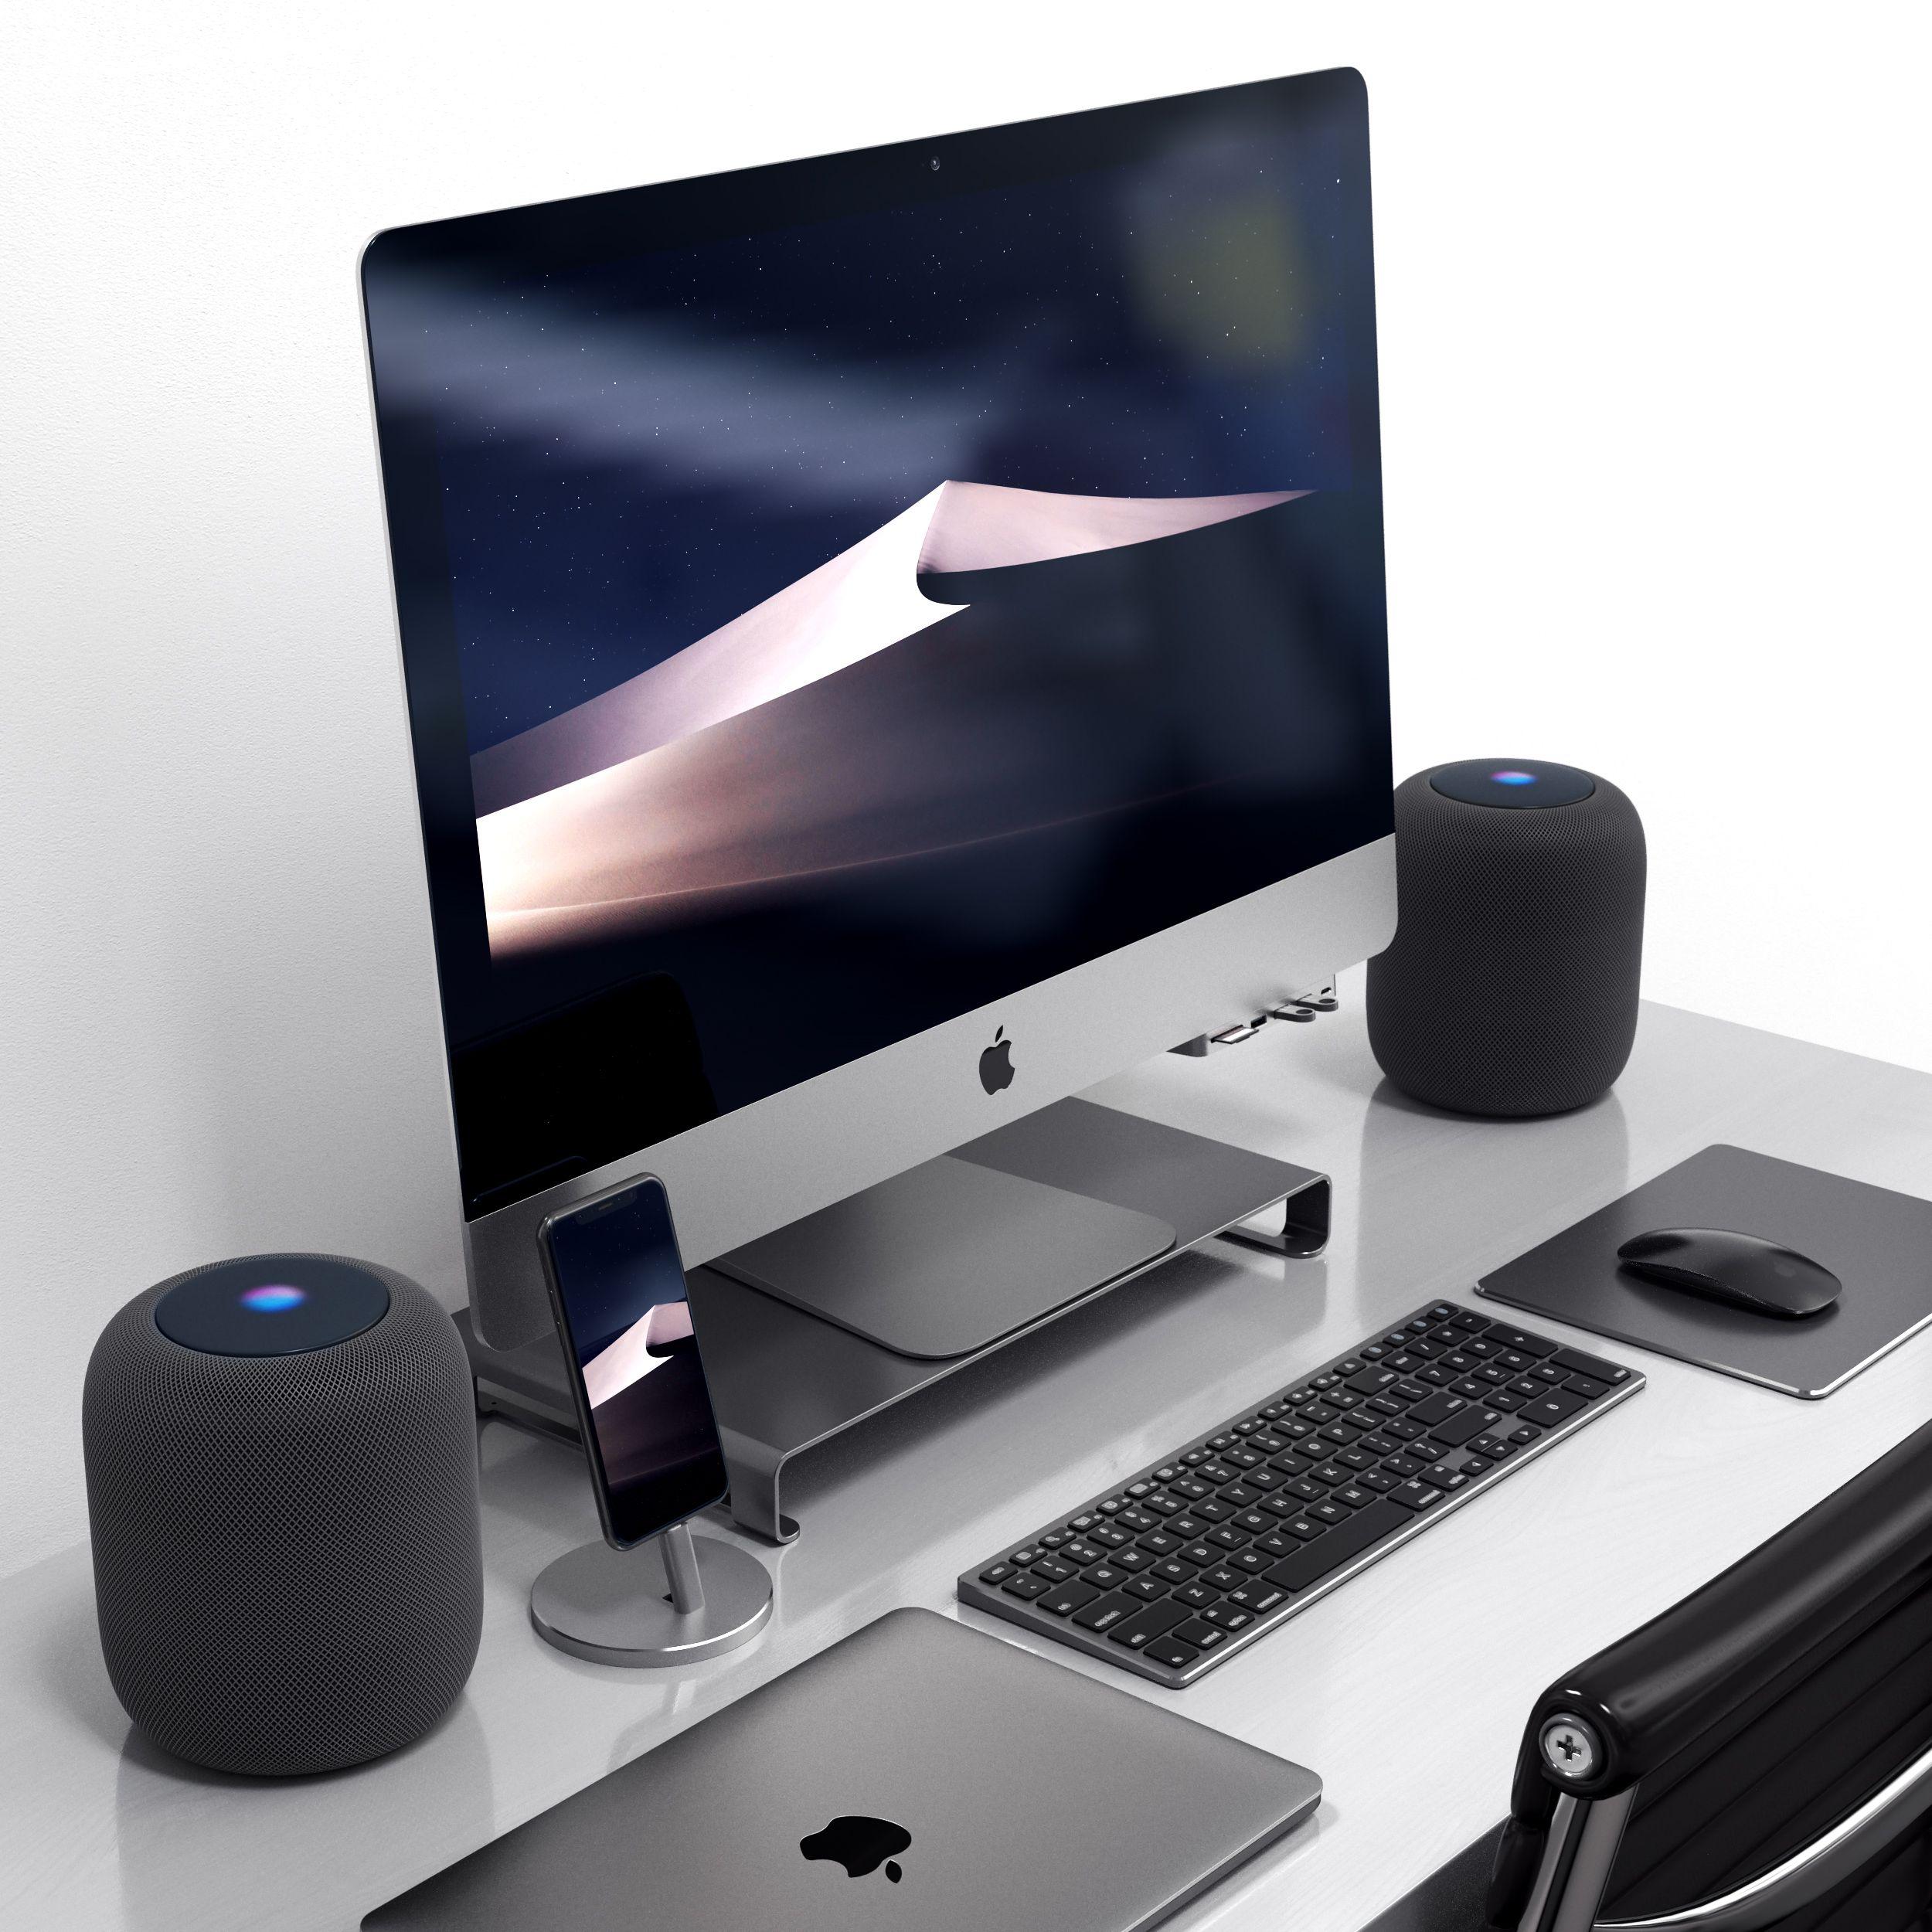 Aluminum Slim Wireless Keyboard Imac desk, Apple